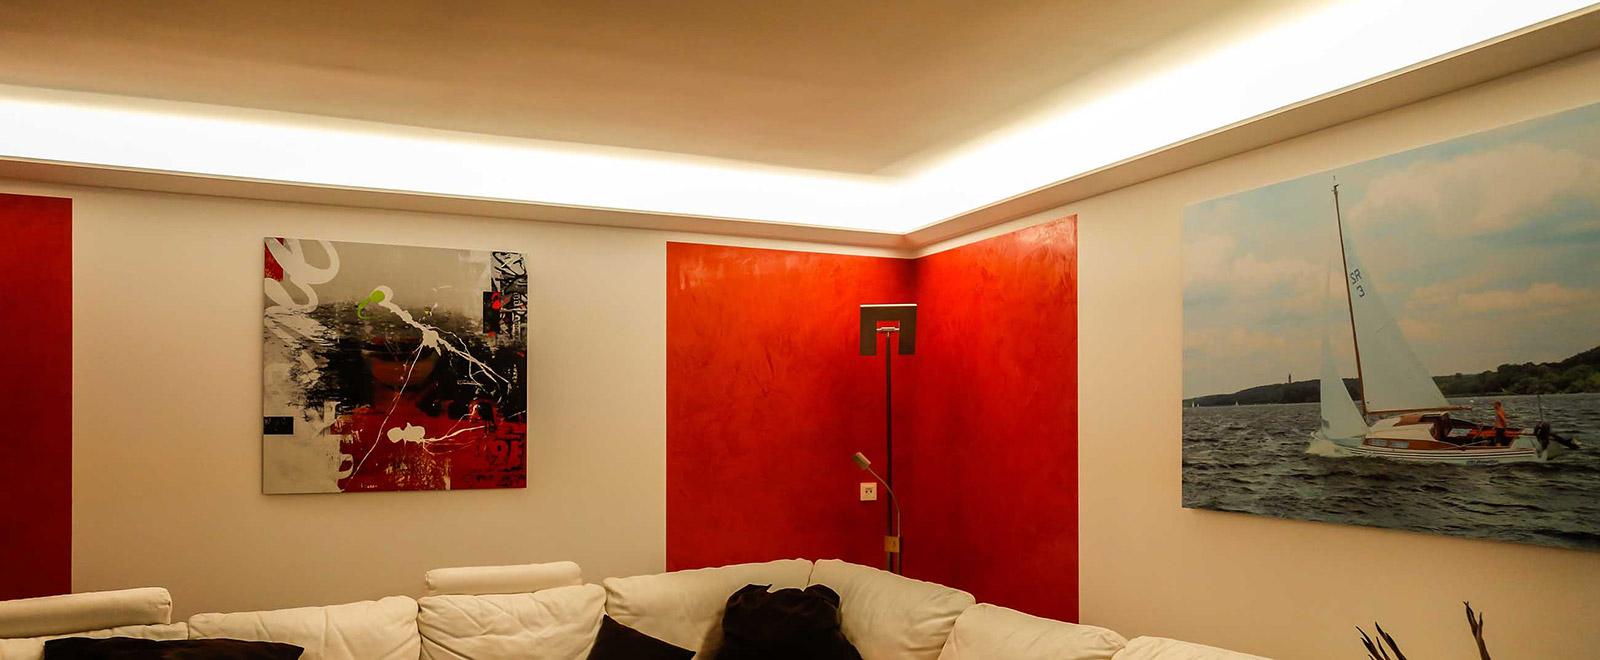 Full Size of Indirekte Beleuchtung Der Decke Mit Stuckleisten Lichtvouten Bendu Bett Deckenlampe Schlafzimmer Esstisch Deckenleuchten Deckenleuchte Wohnzimmer Decken Wohnzimmer Indirekte Beleuchtung Decke